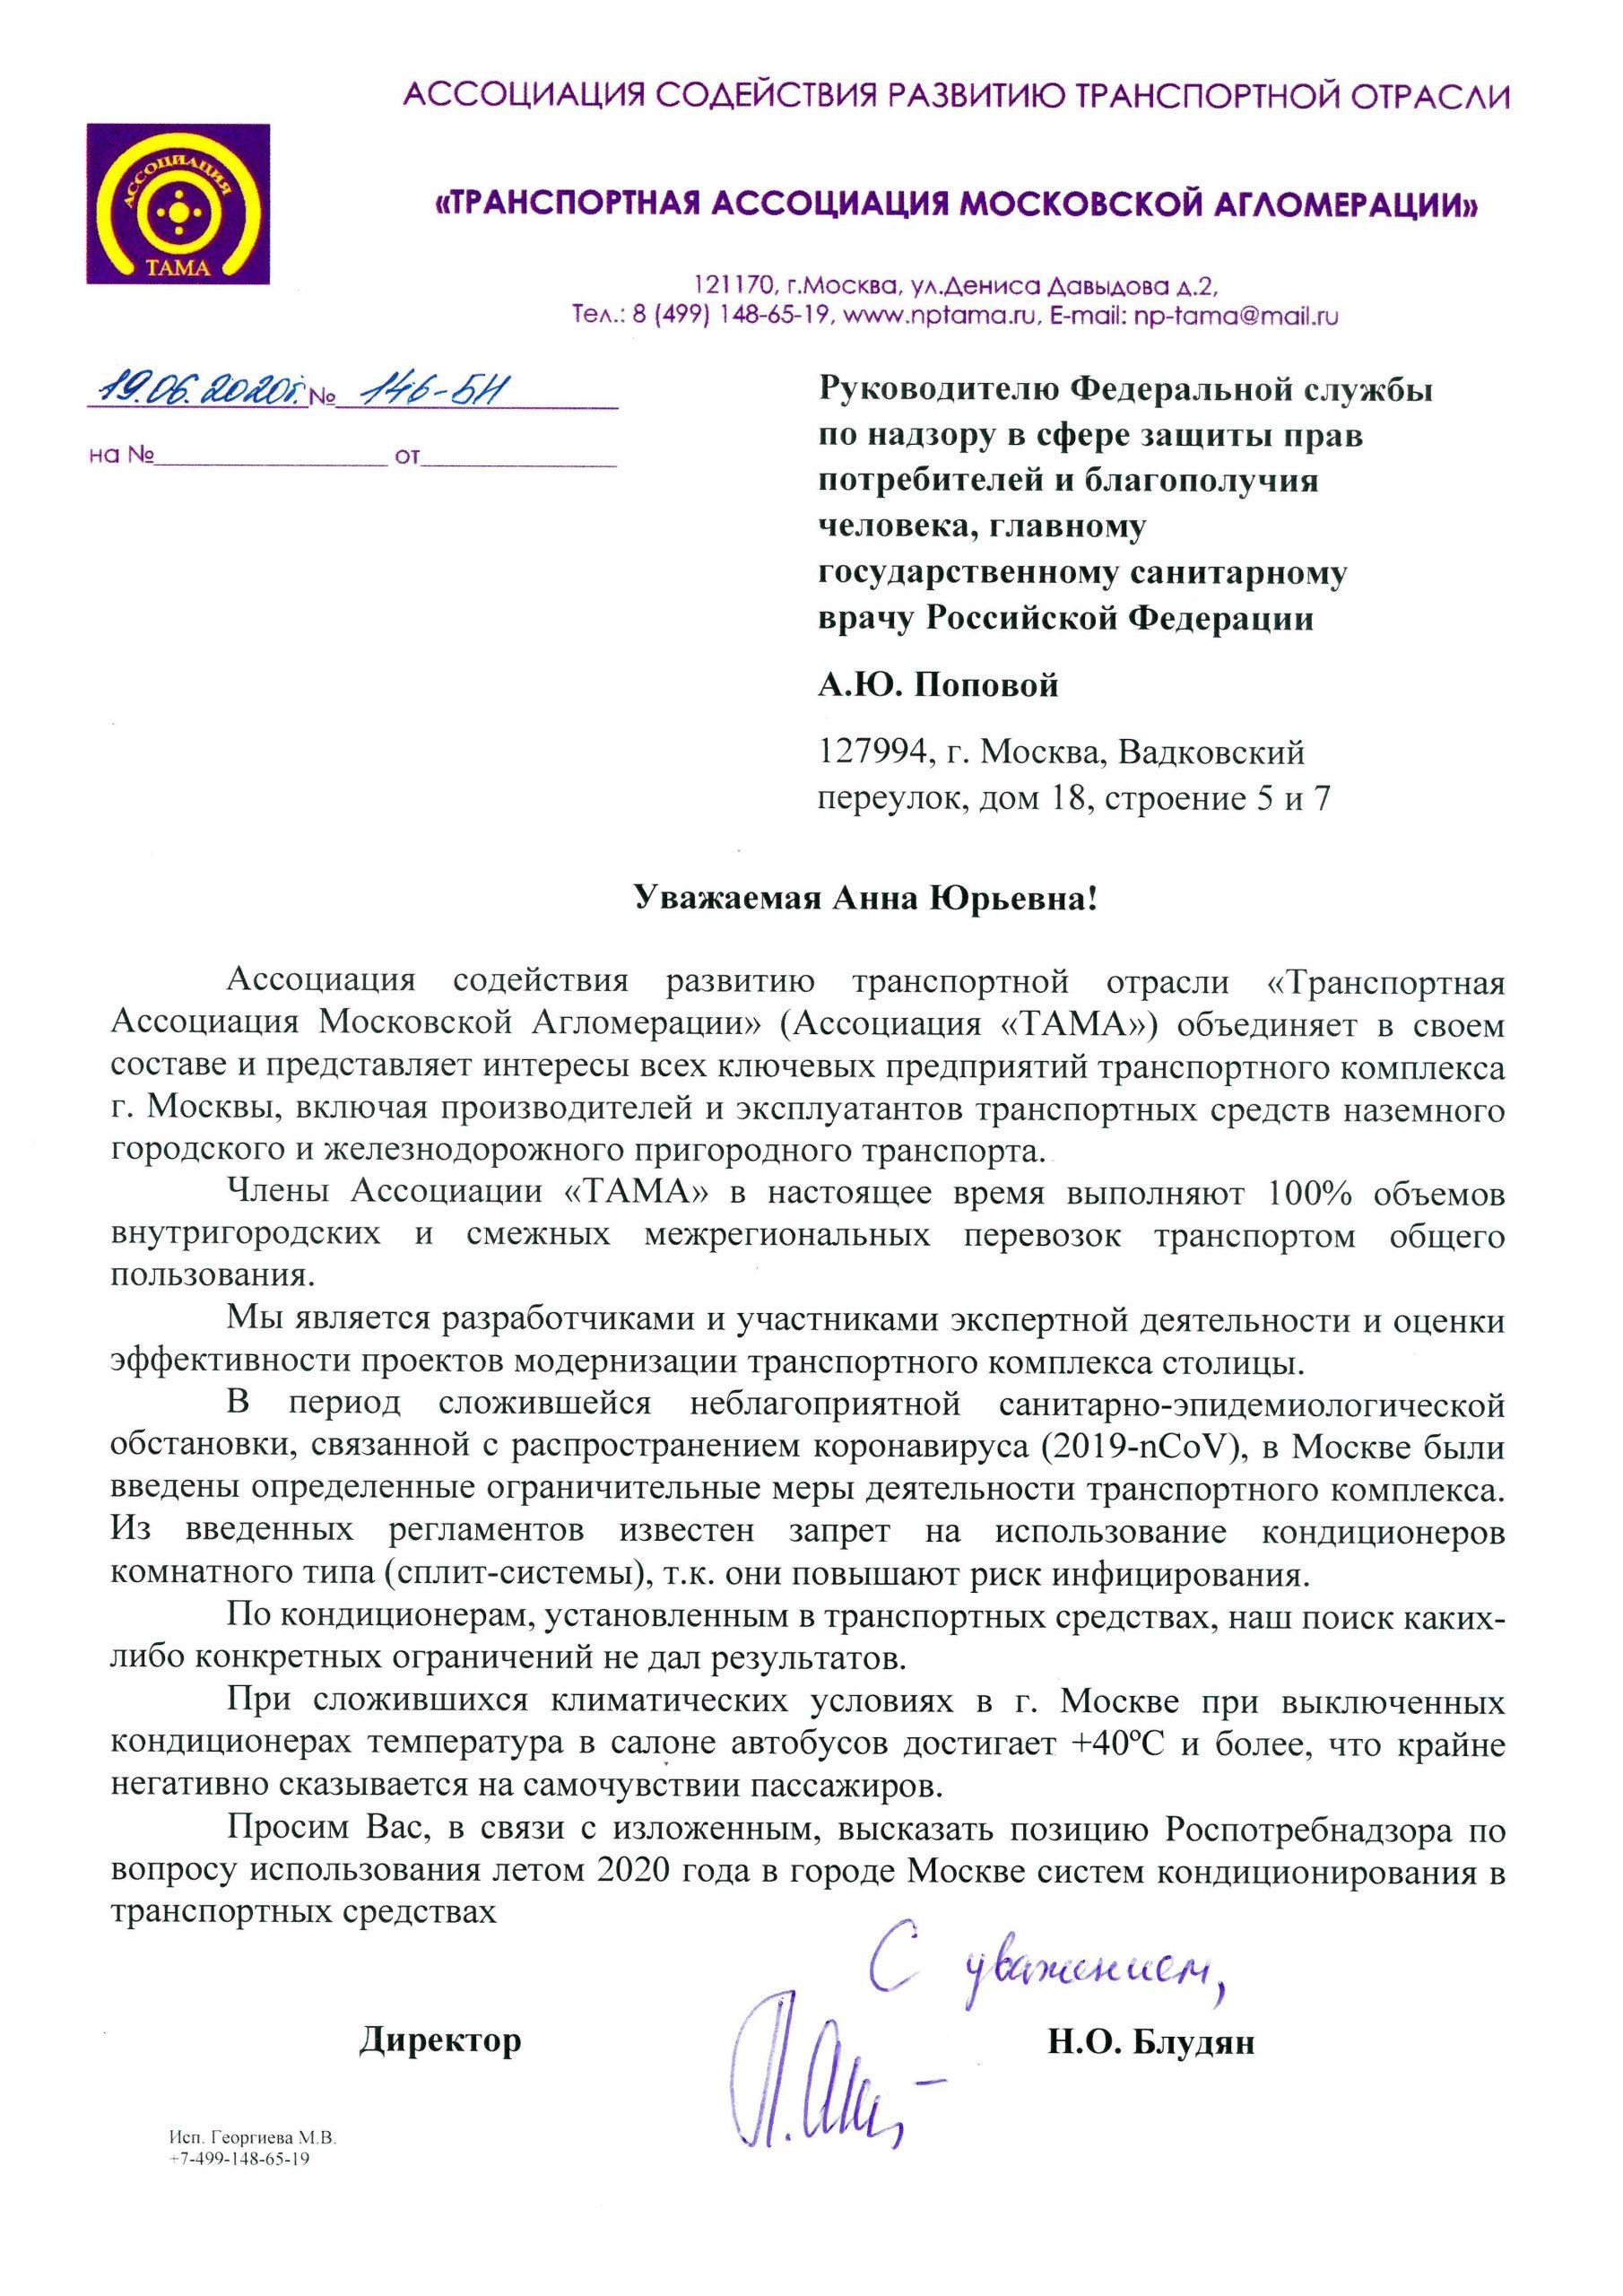 Роспотребнадзор: функции и полномочия. чем занимается роспотребнадзор :: businessman.ru